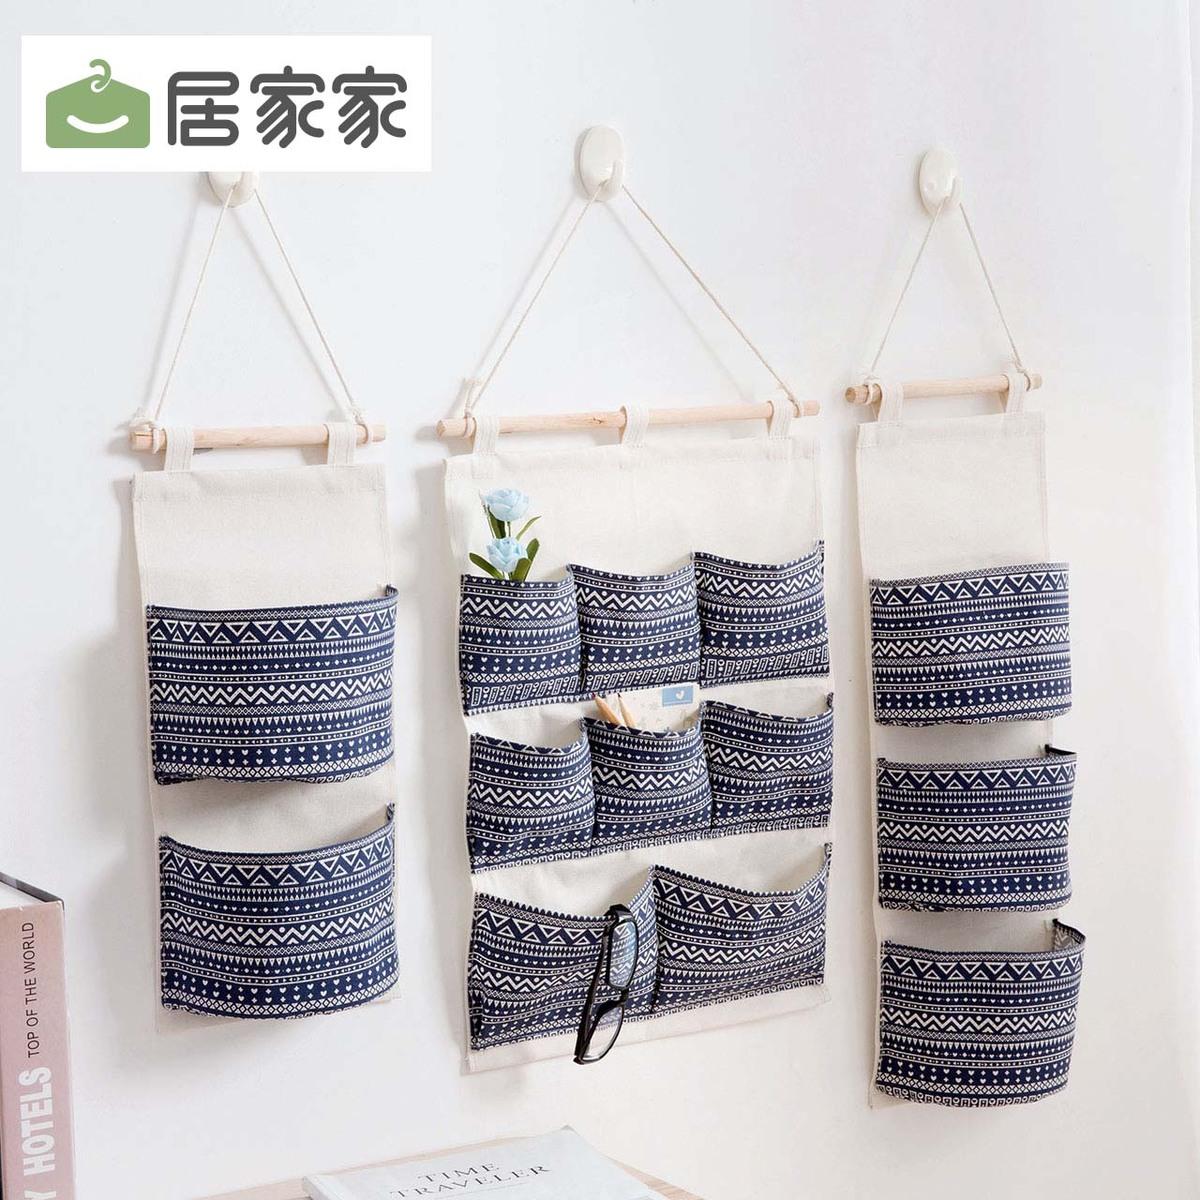 居家家 棉麻收纳挂袋悬挂式墙壁挂兜 布艺防水门后墙上壁挂收纳袋